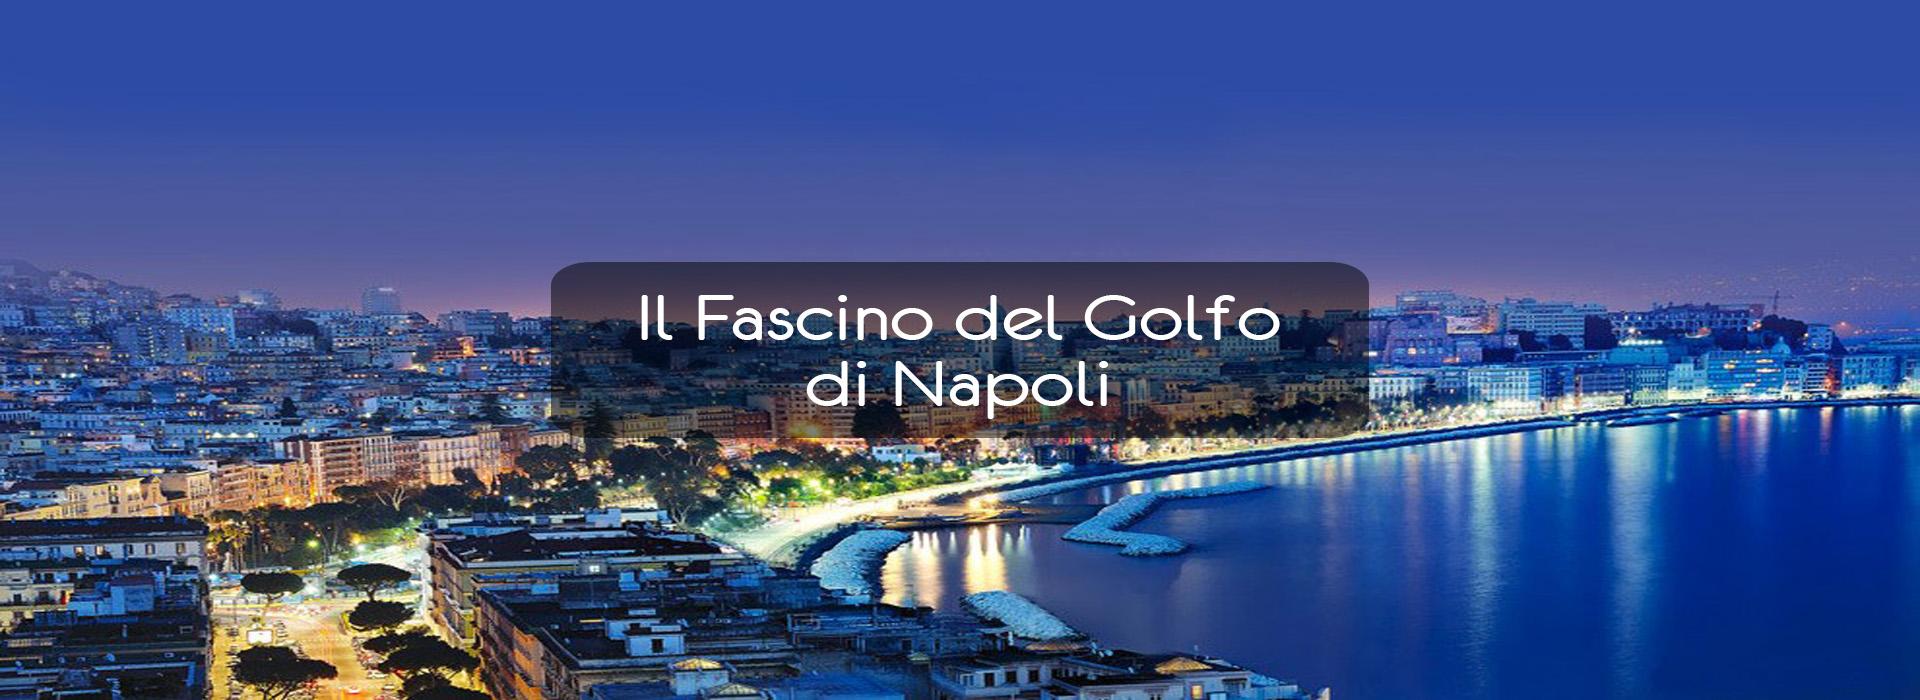 Il Fascino del Golfo di Napoli - b7c4806ee23dc